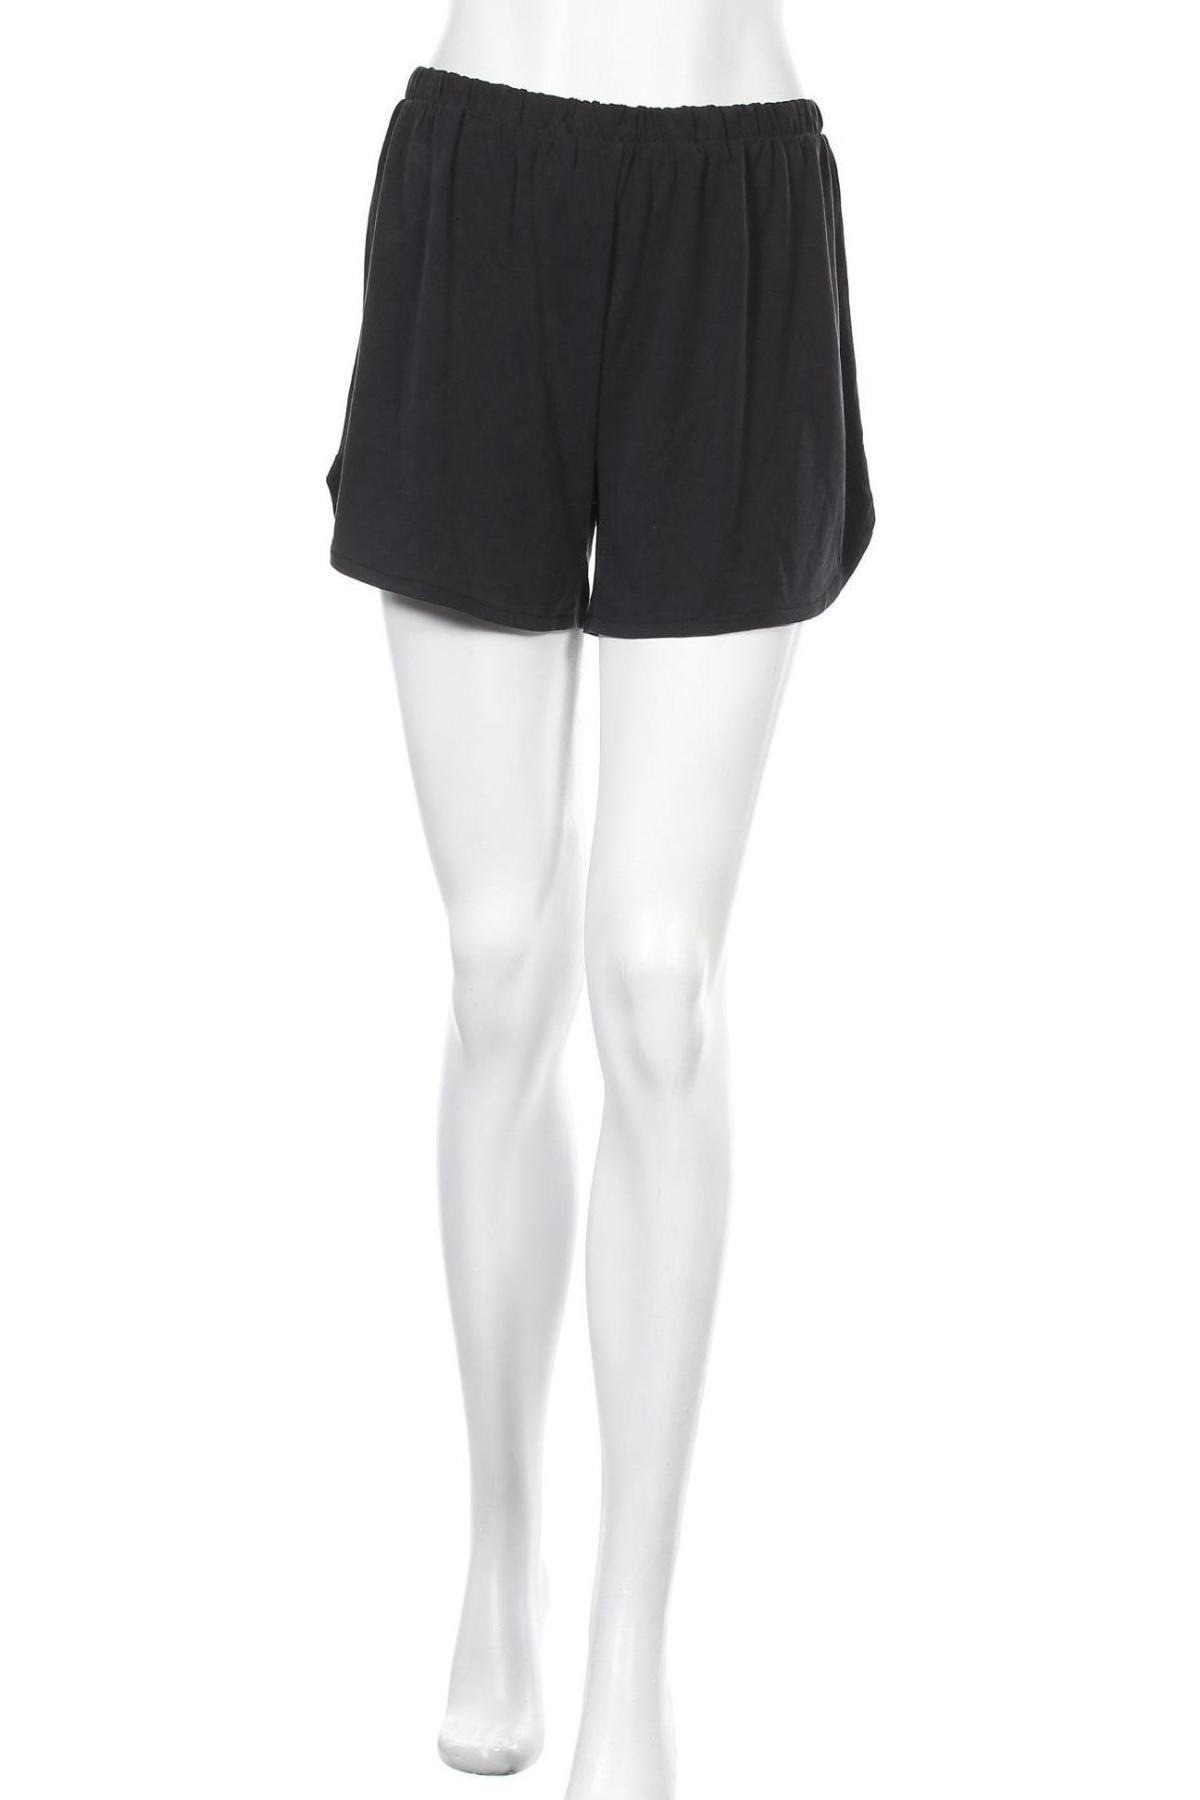 Γυναικείο κοντό παντελόνι Noisy May, Μέγεθος M, Χρώμα Μαύρο, 70% μοντάλ, 30% πολυεστέρας, Τιμή 10,21€